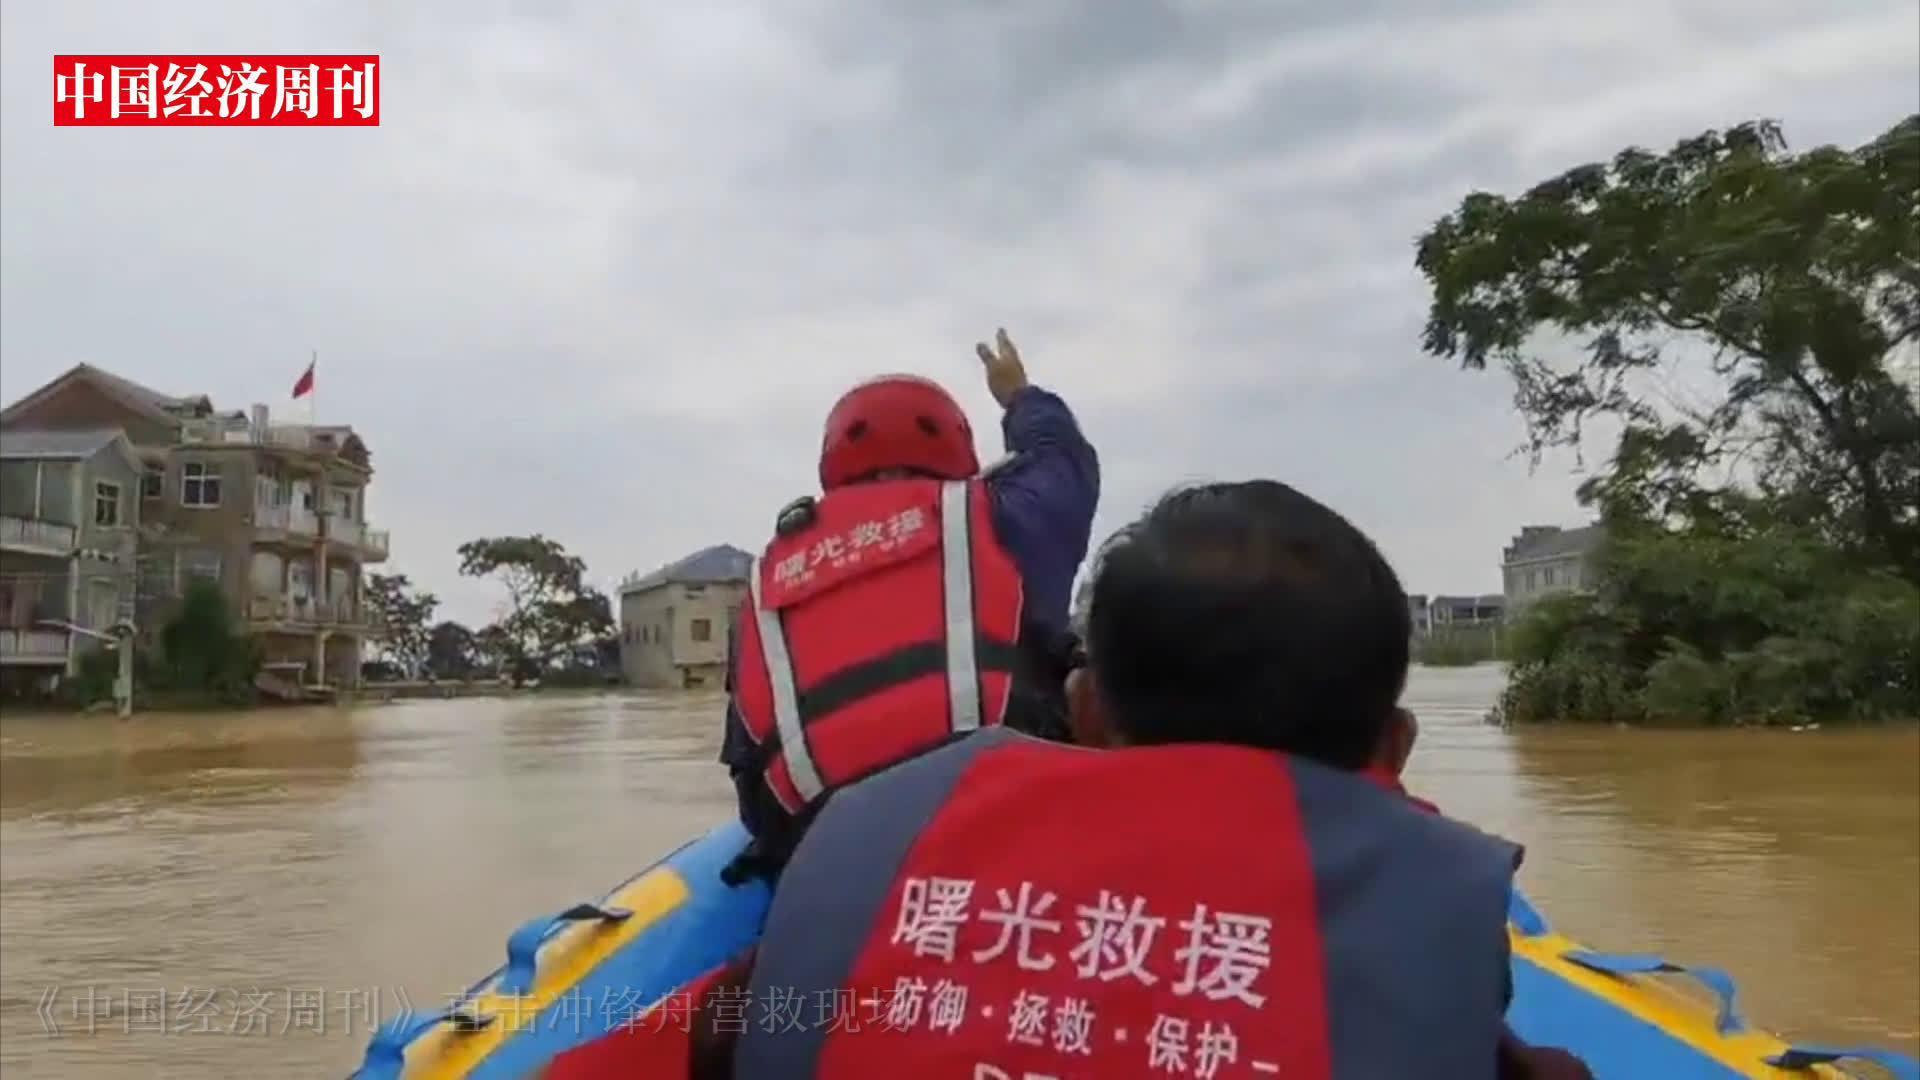 鄱阳大量人员被洪水围困,《中国经济周刊》直击冲锋舟营救现场!